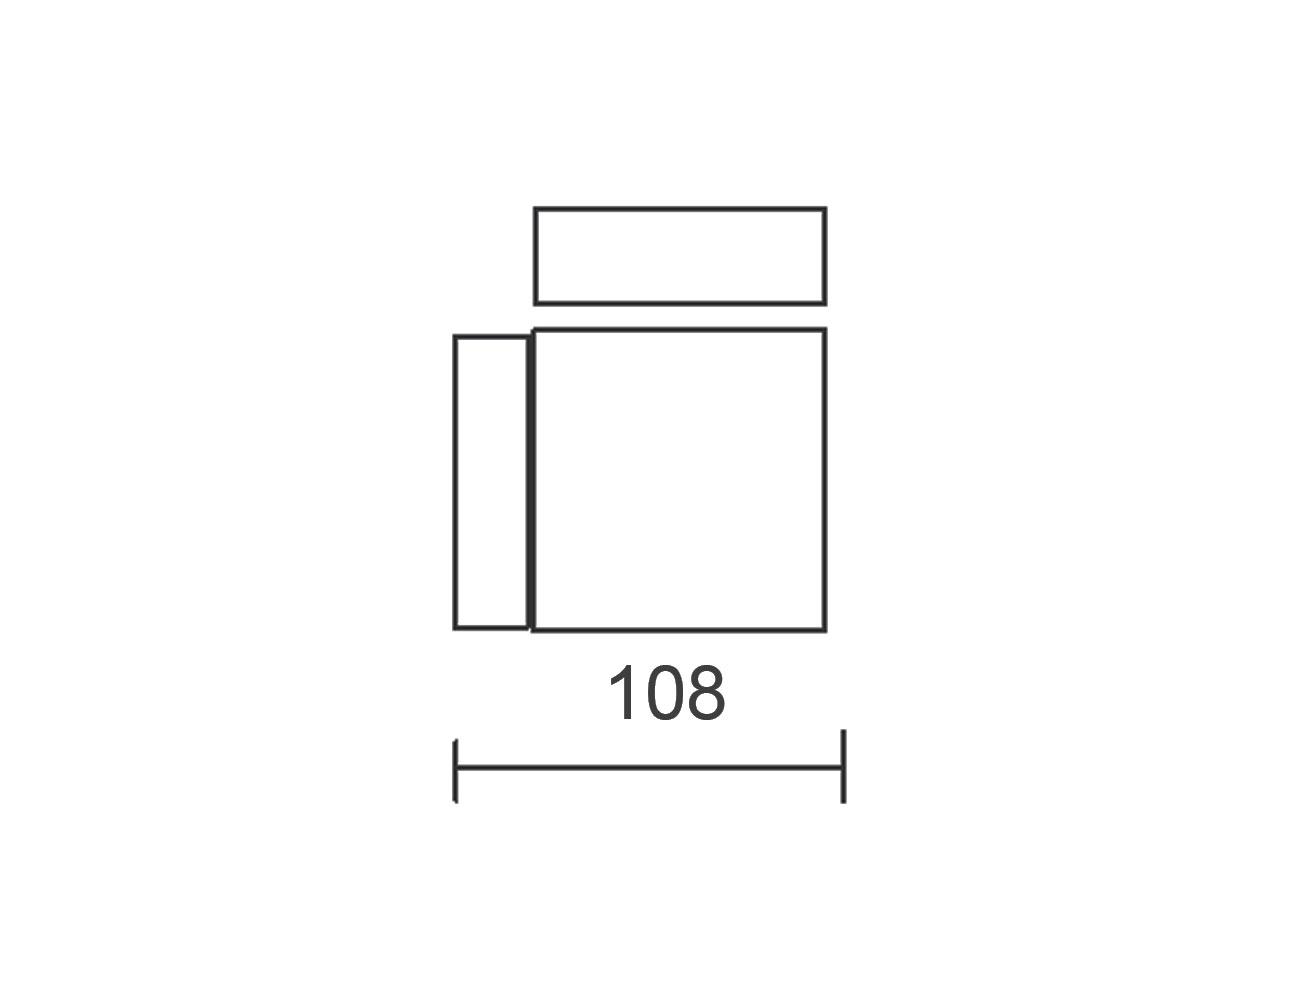 Modulo 108